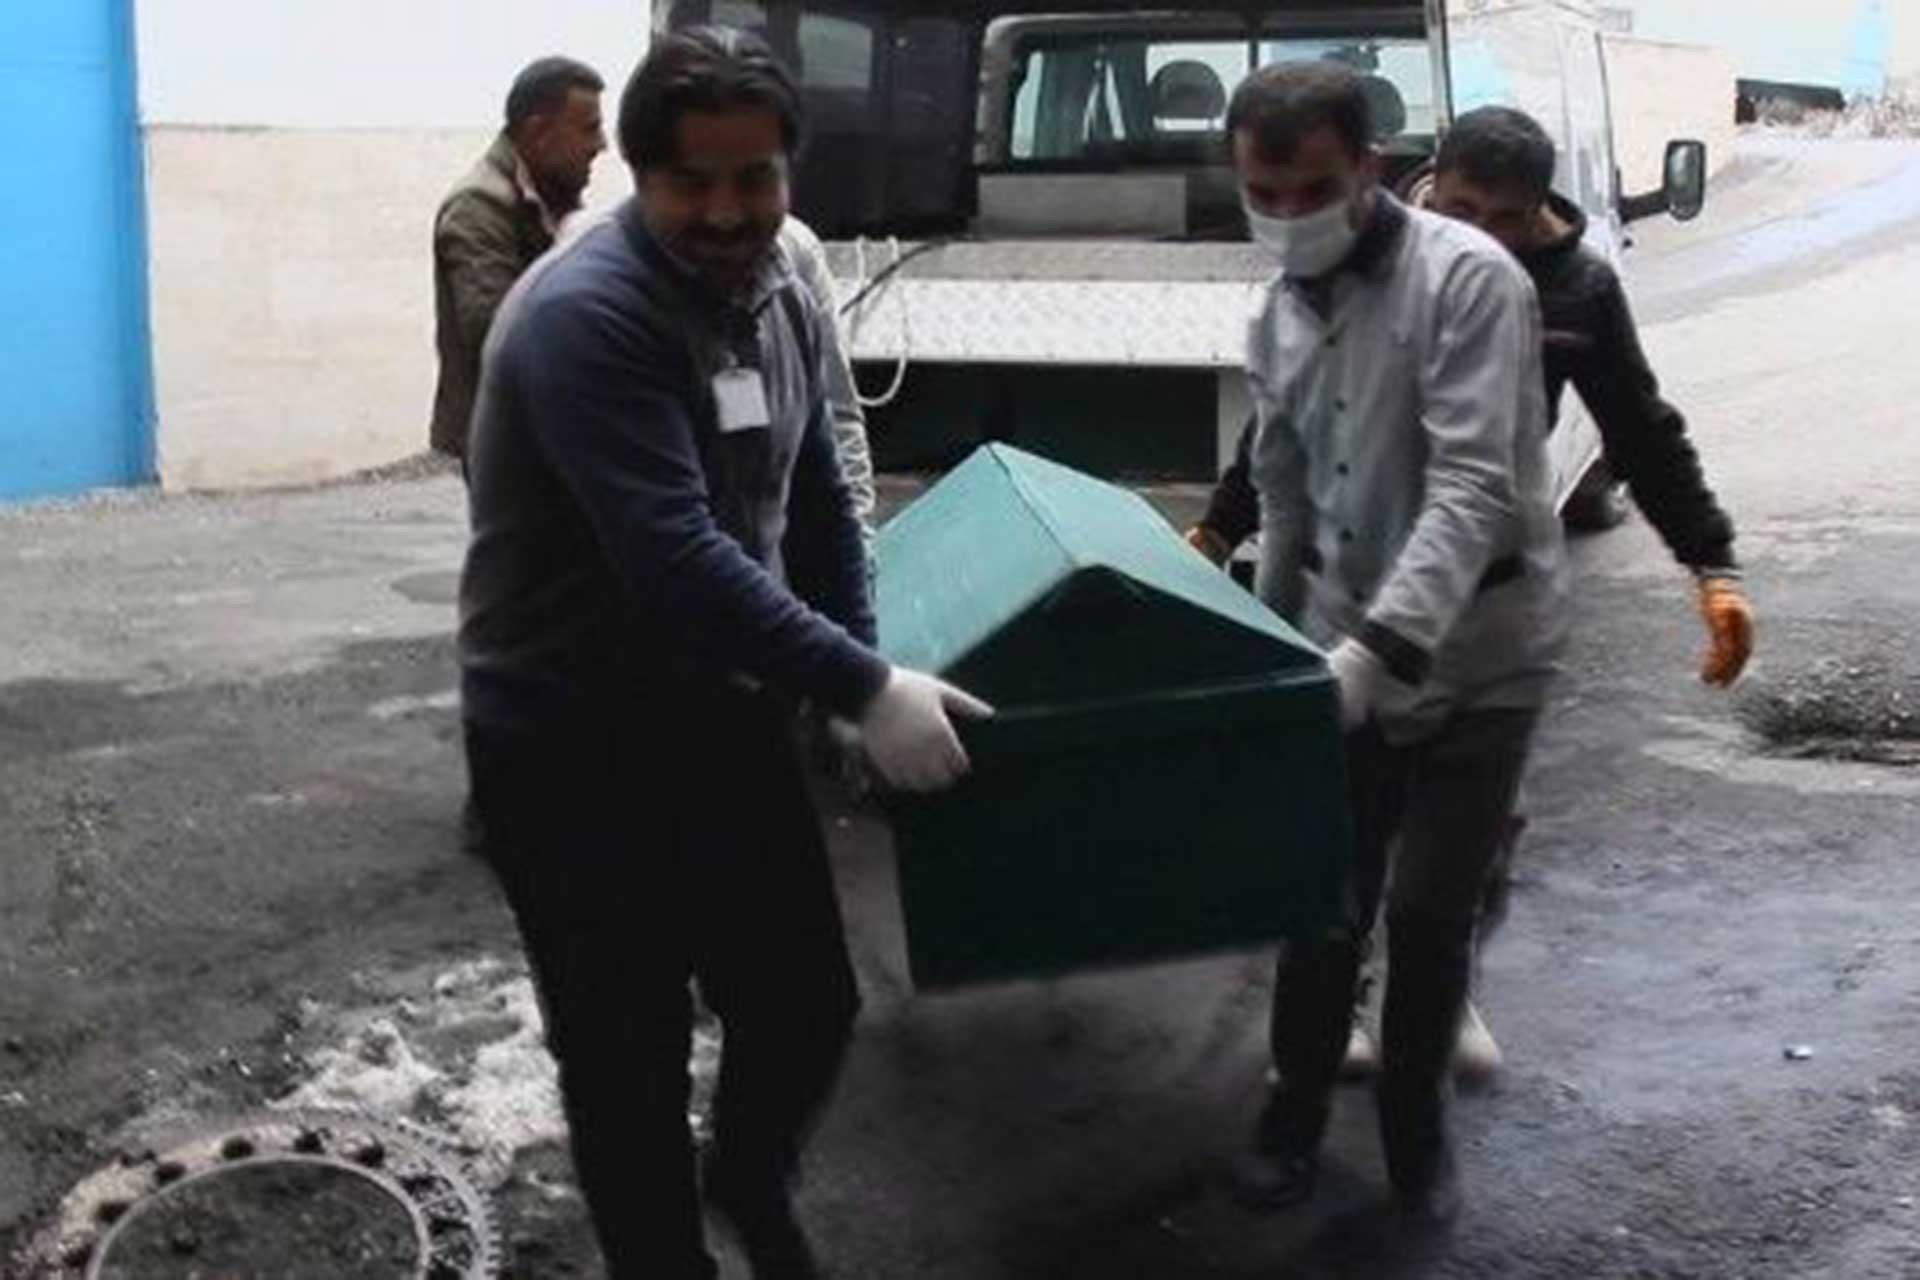 İran sınırında donarak yaşamını yitiren mültecinin cansız bedeni tabutta taşınıyor.